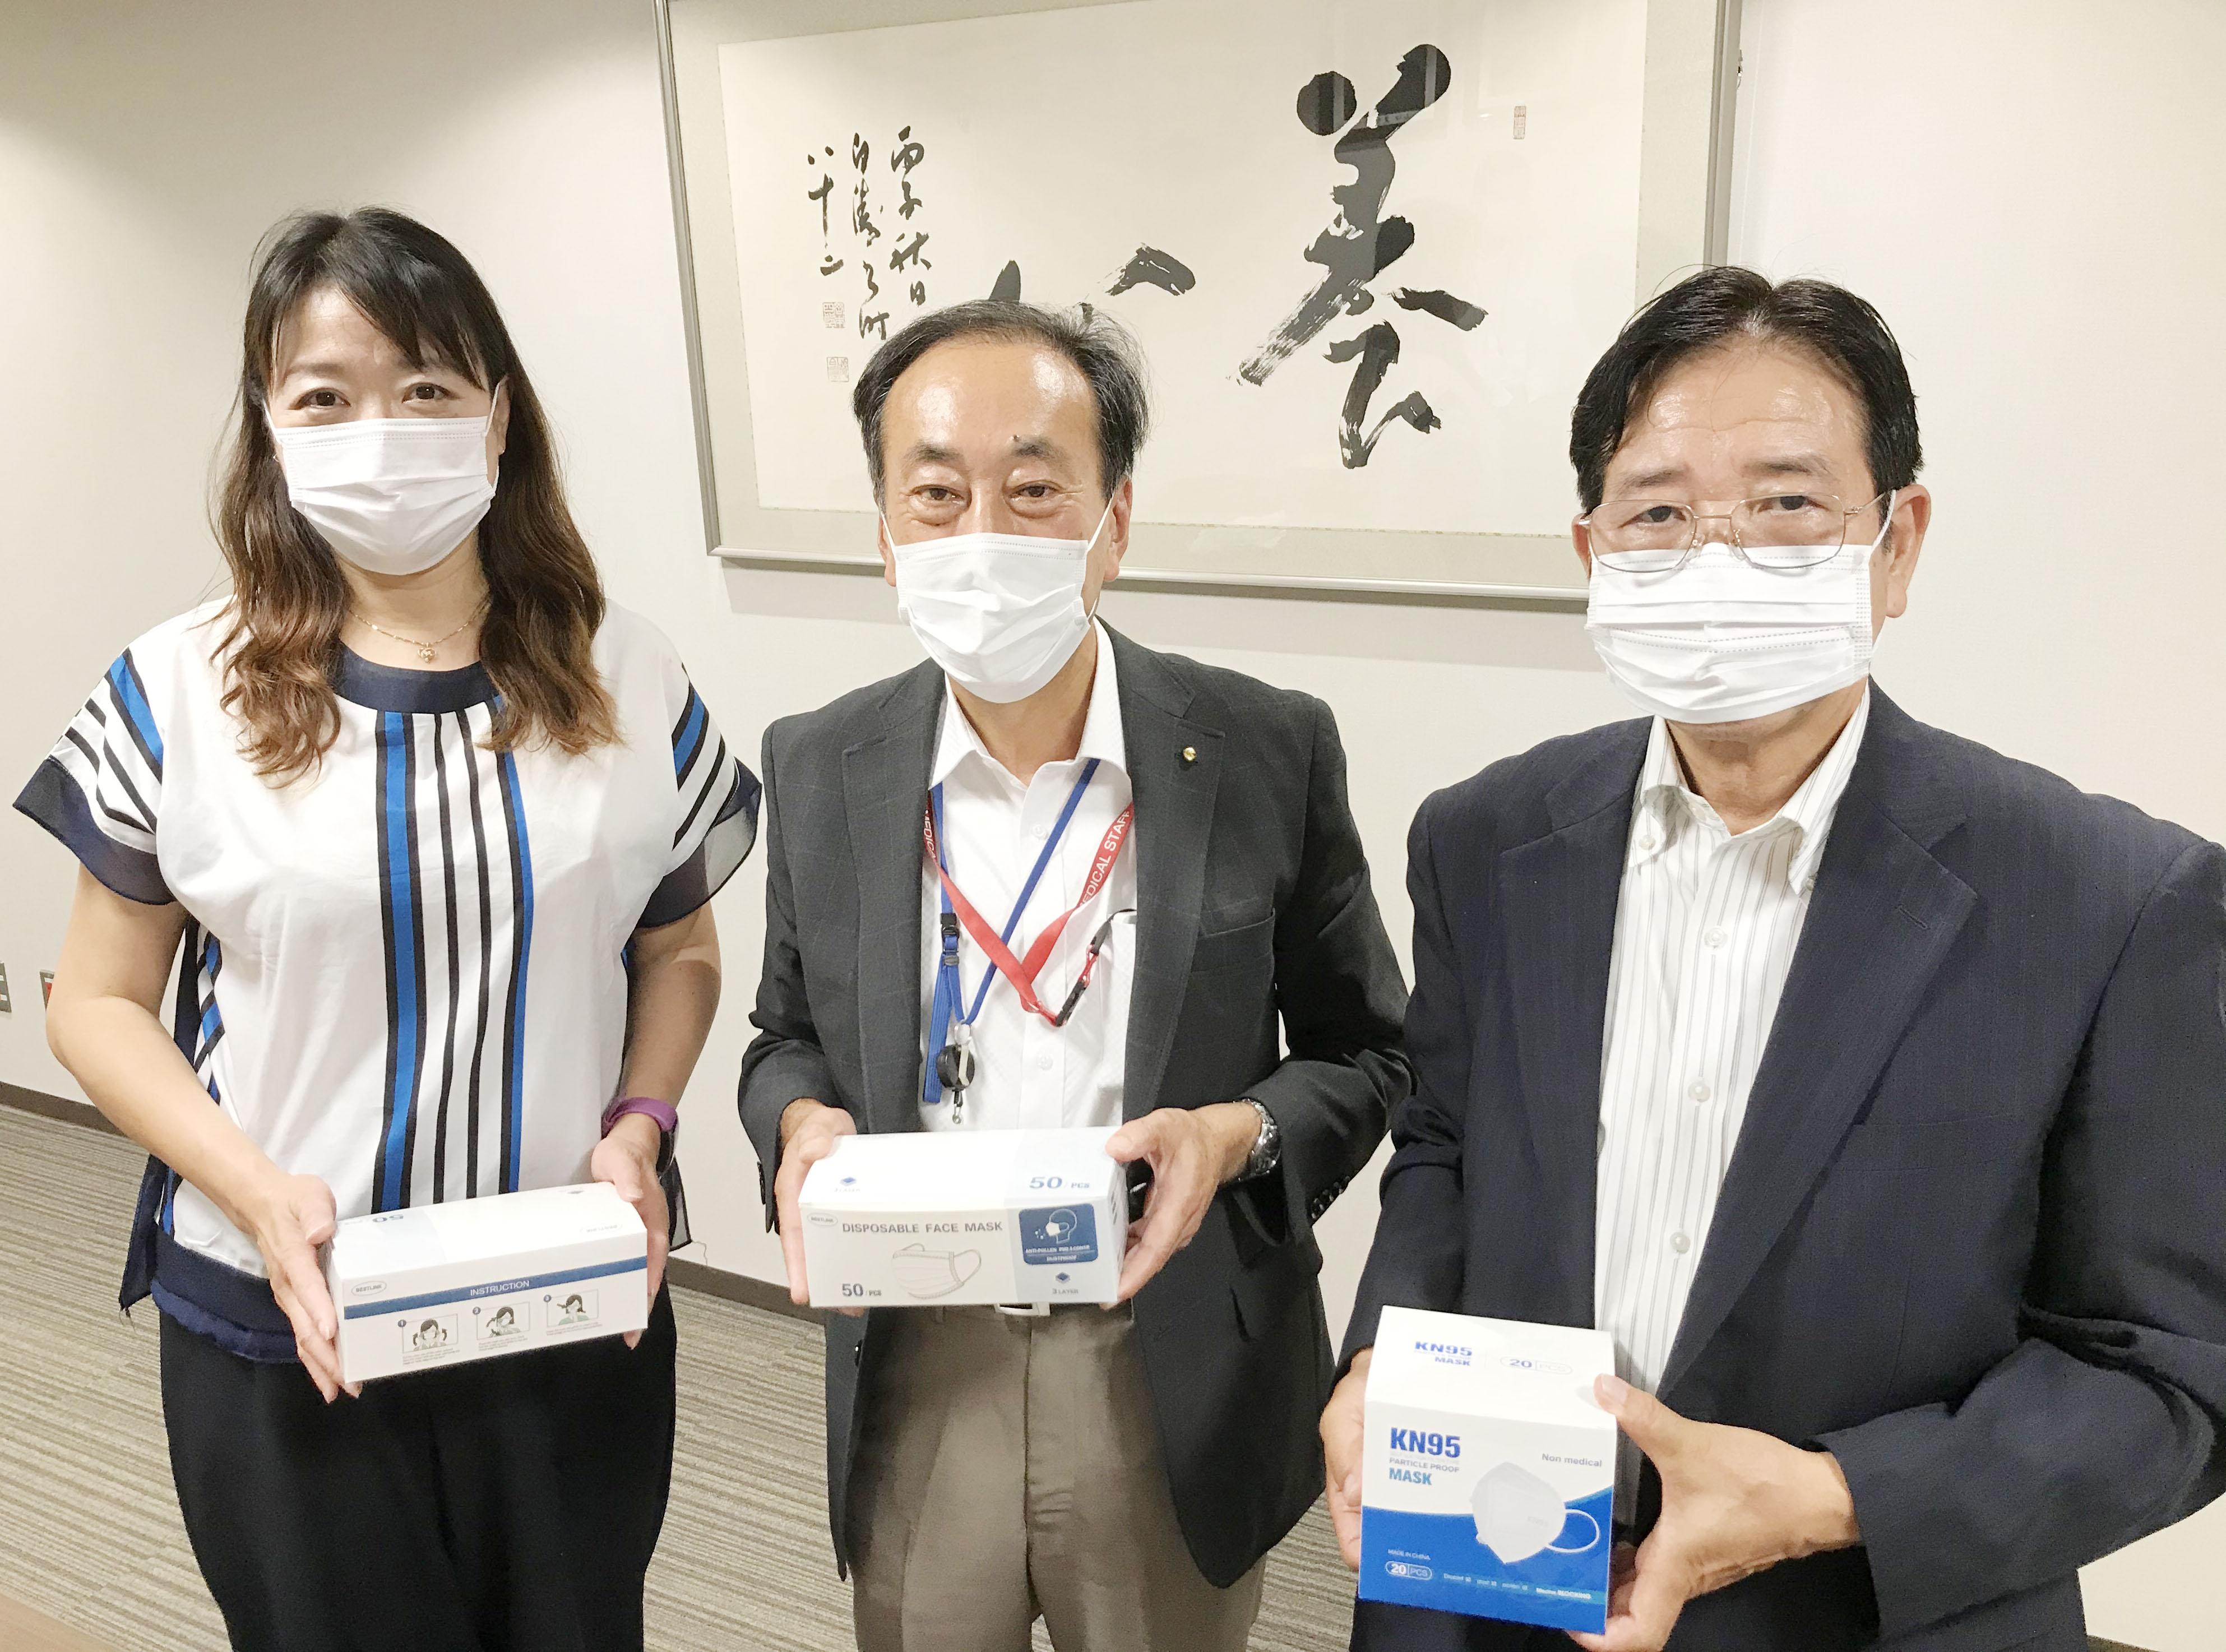 マスクの寄付をいただいた企業の方との写真です。